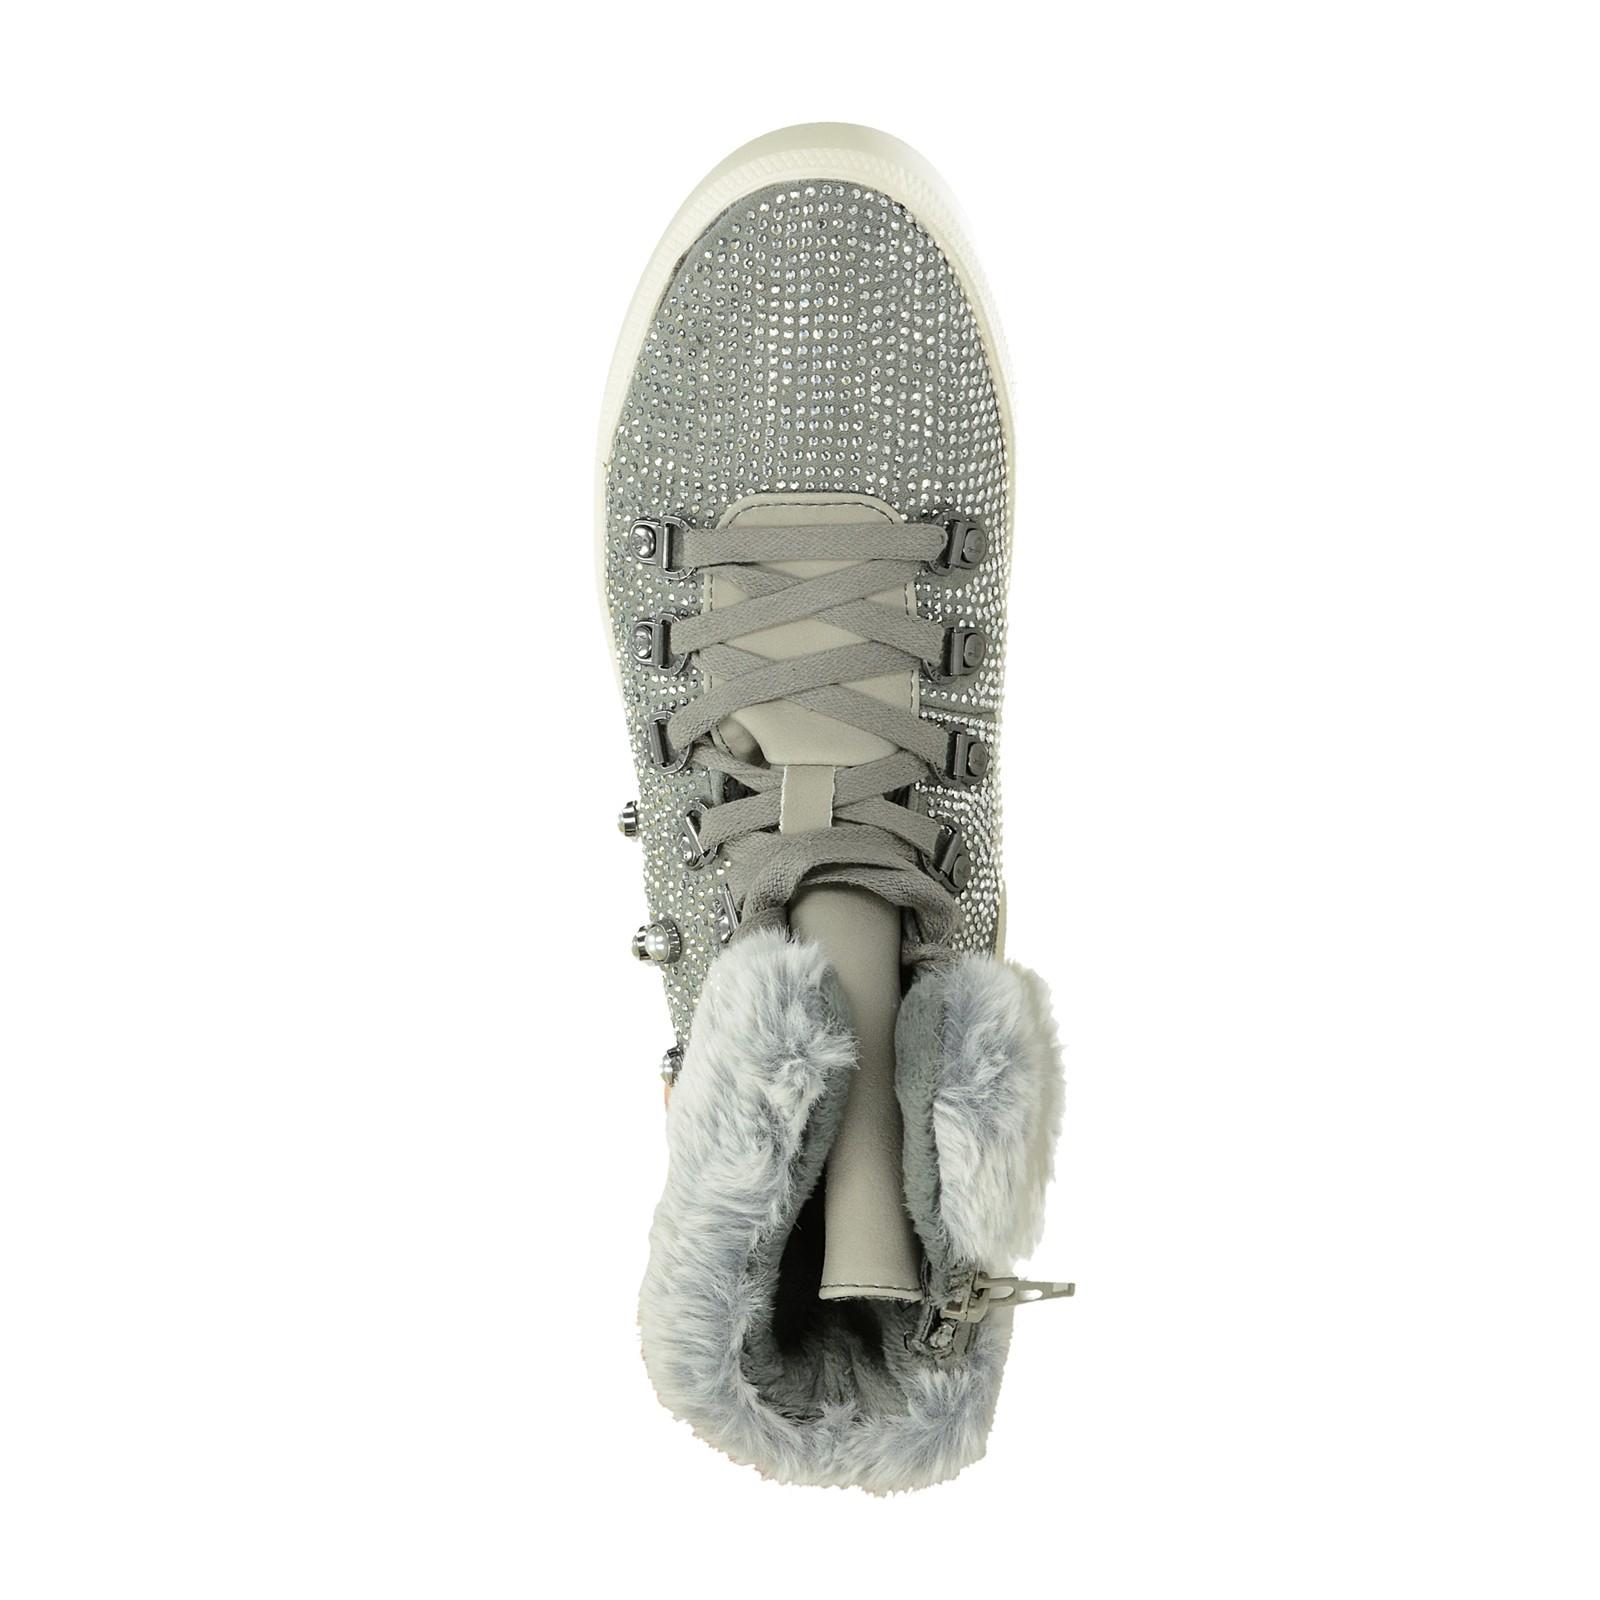 b88cedb547b Bugatti dámské stylové kotníkové boty s ozdobnými kamínky - šedé ...